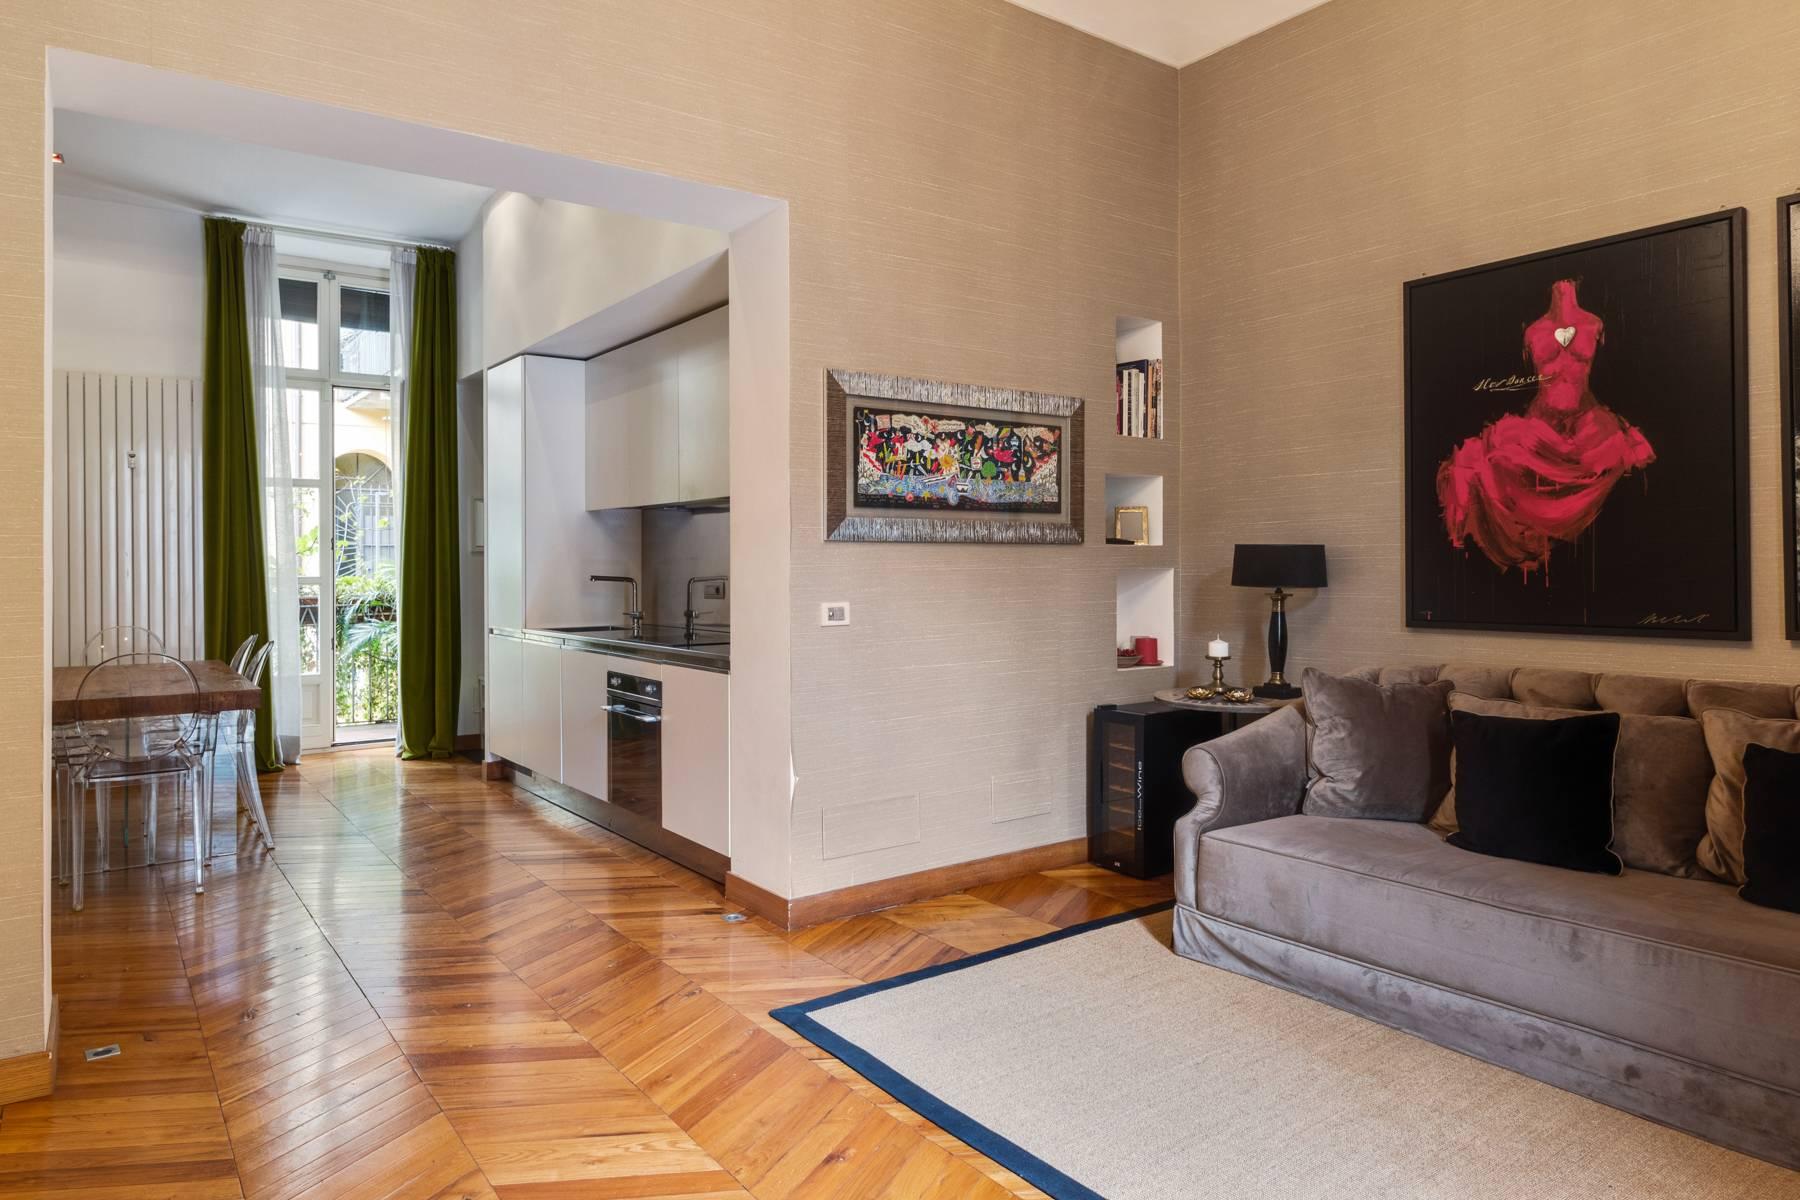 Appartamento in Vendita a Torino: 4 locali, 118 mq - Foto 6